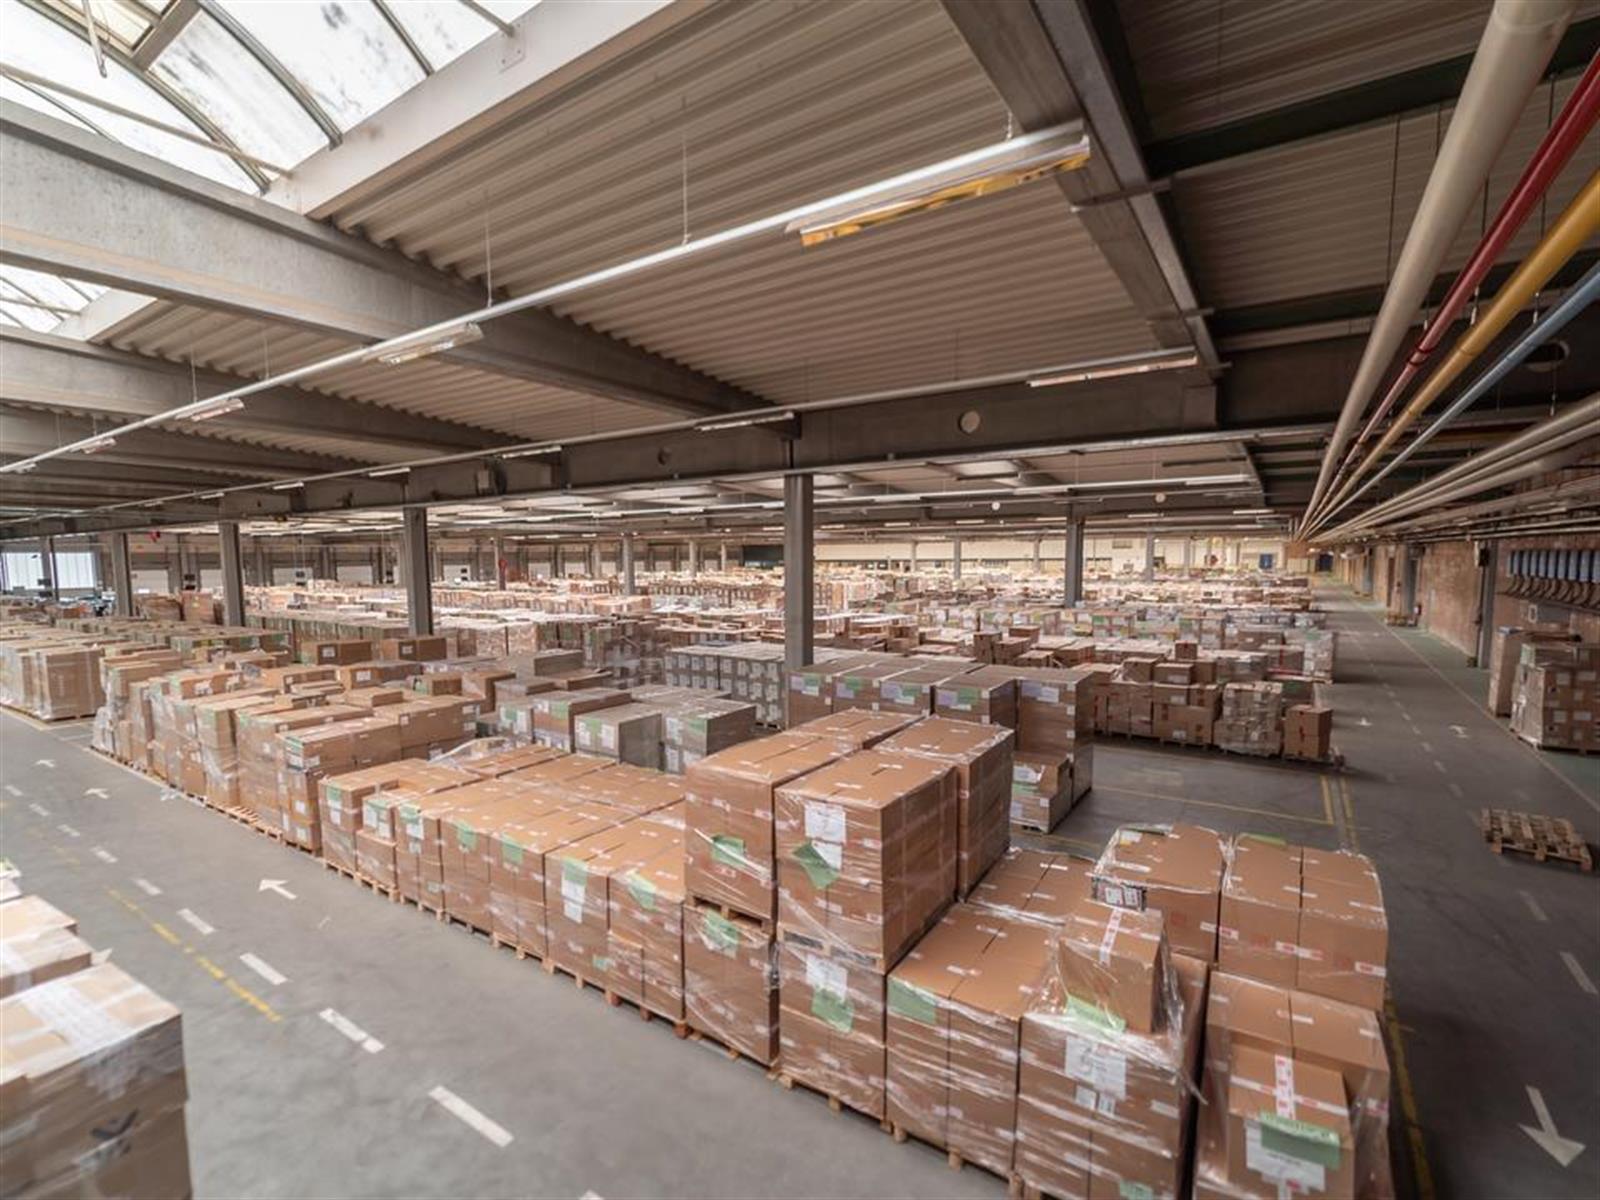 kantoren & magazijn te huur I157 - Satenrozen 11-13, 2550 Kontich, België 8